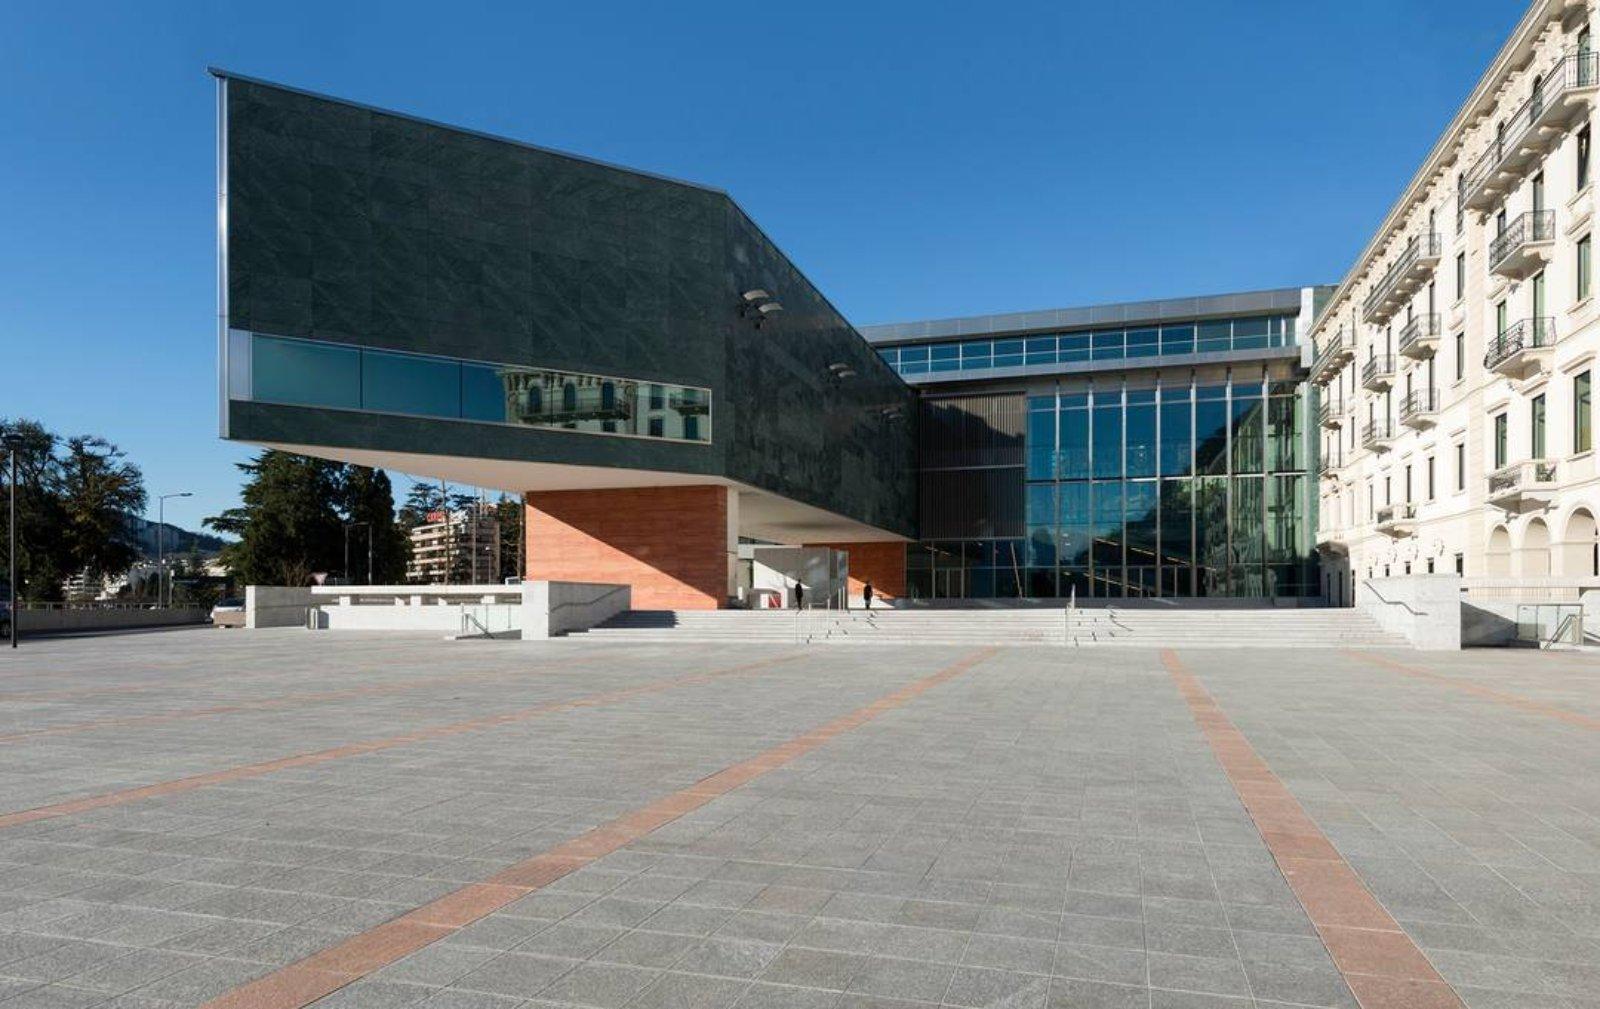 LAC –Lugano Art and Culture